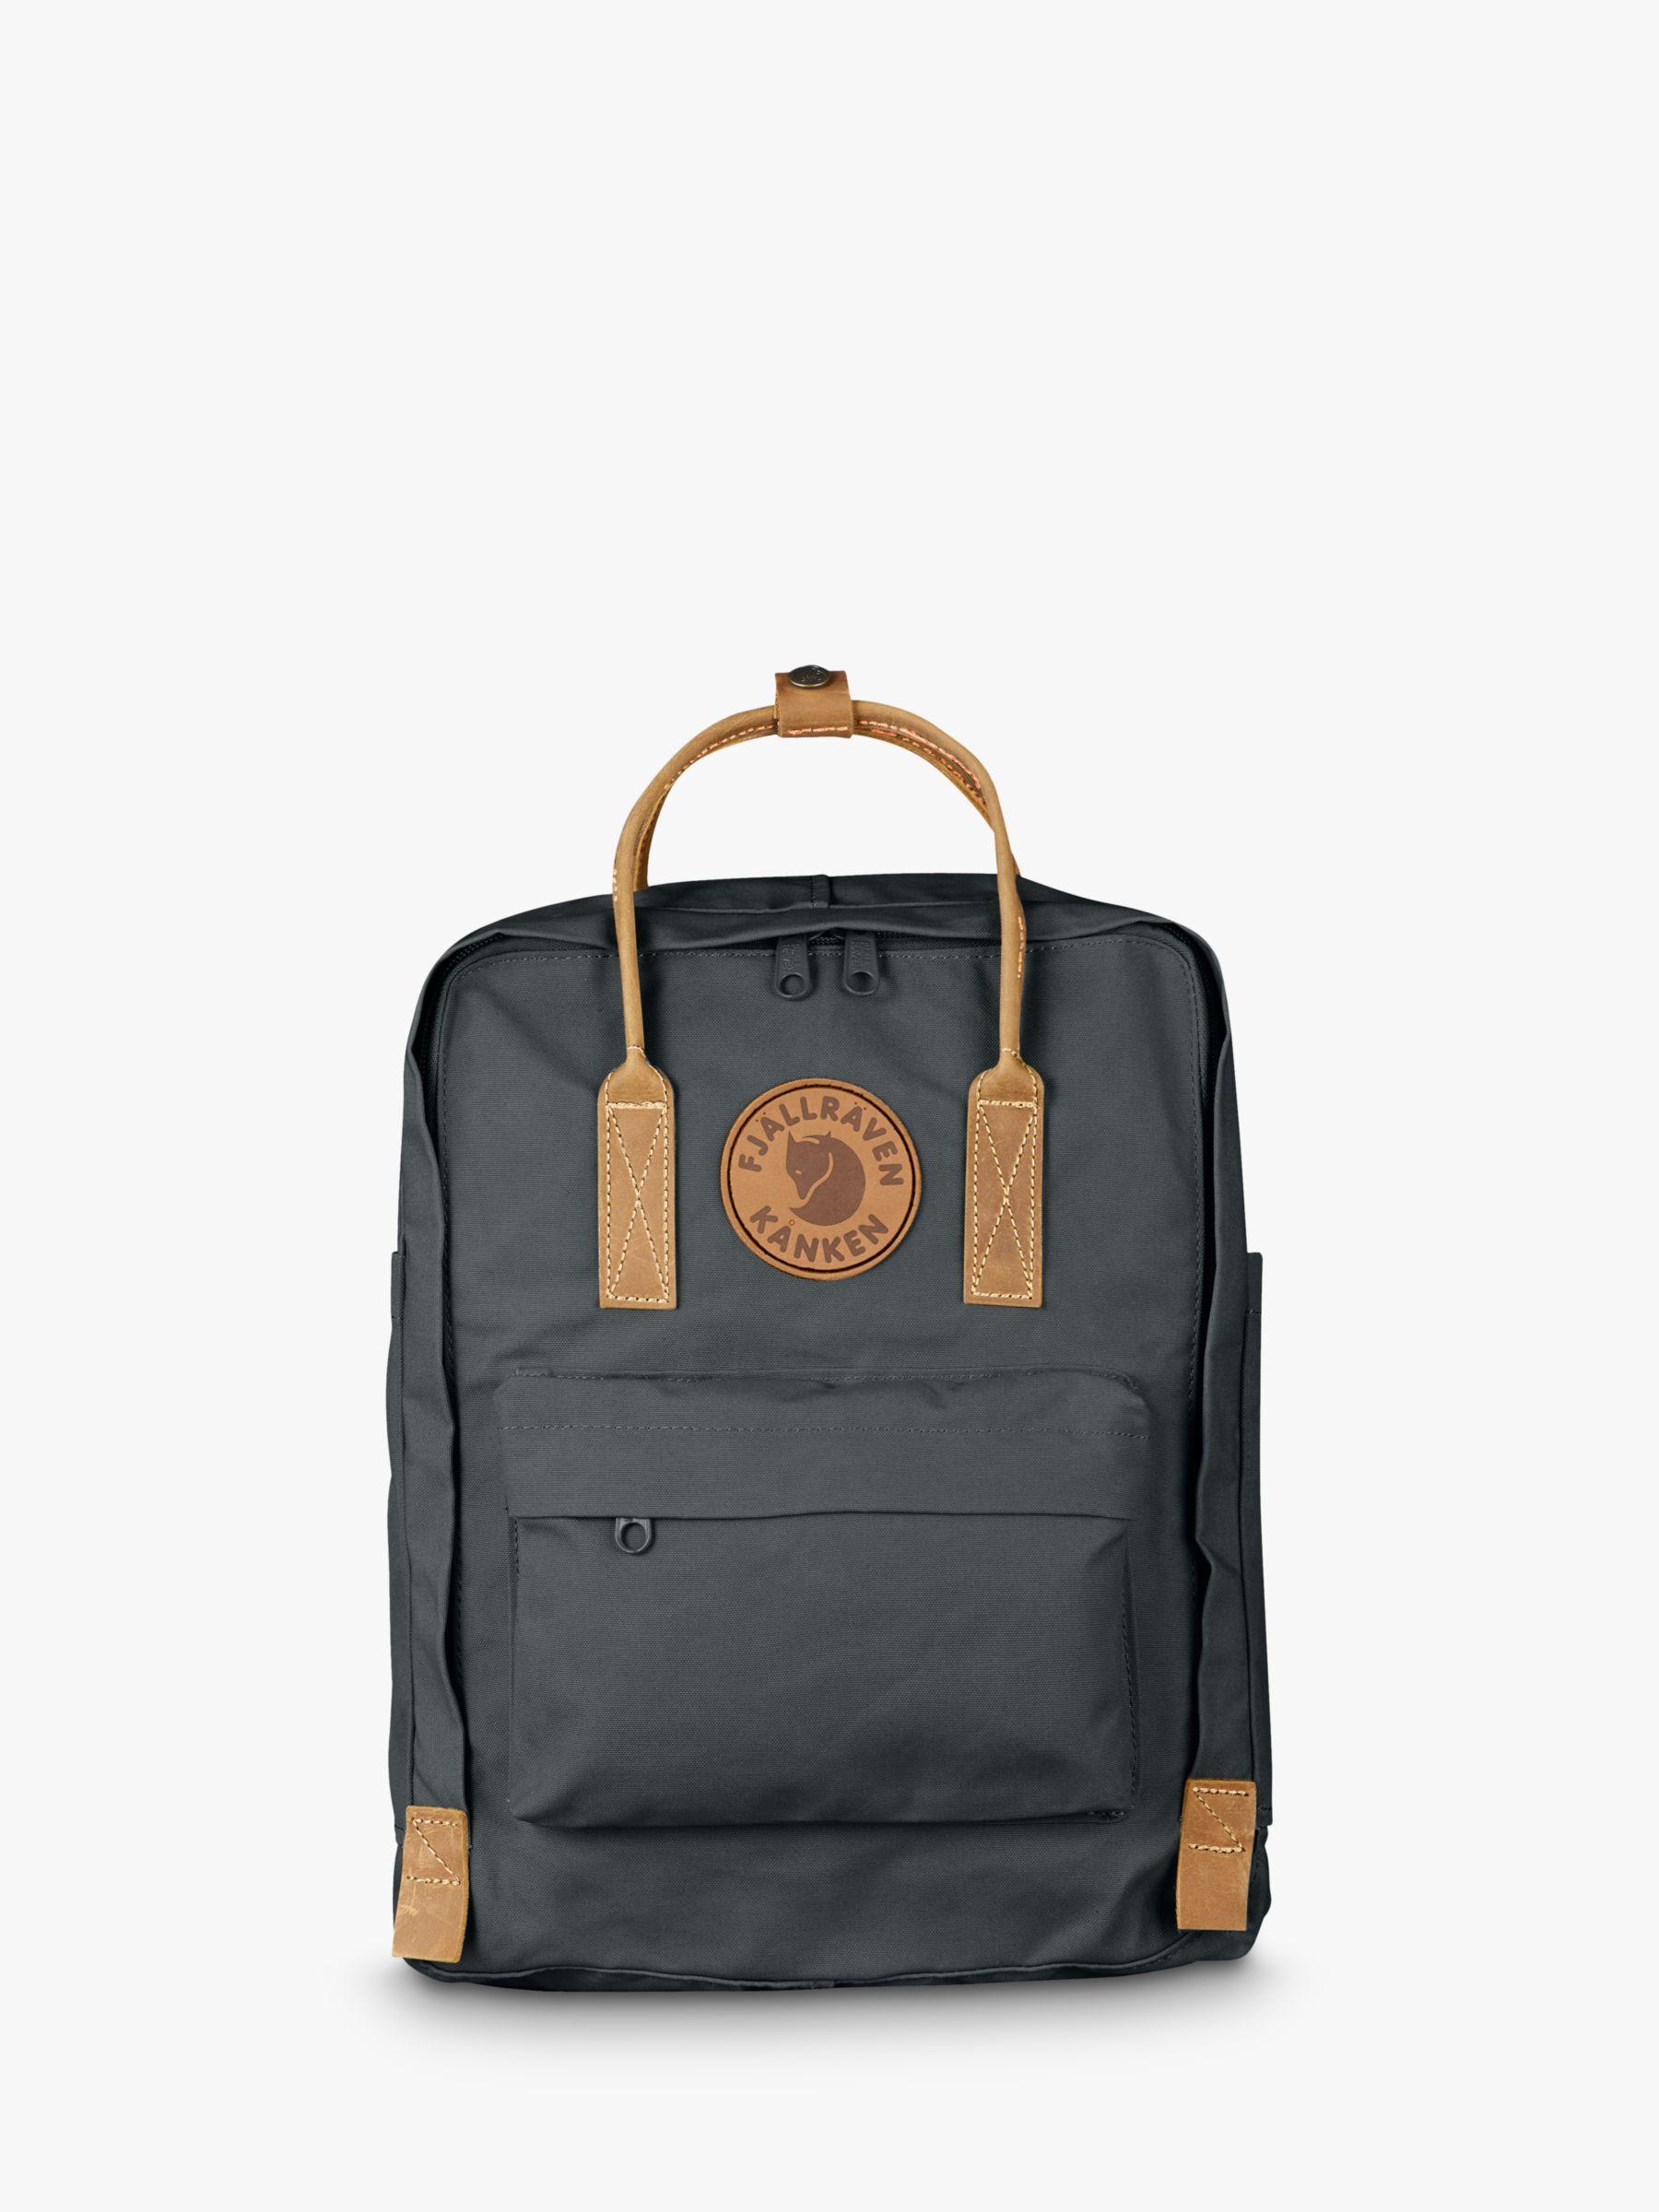 Fjallraven Fjällräven Kanken 2 Leather Trim Backpack